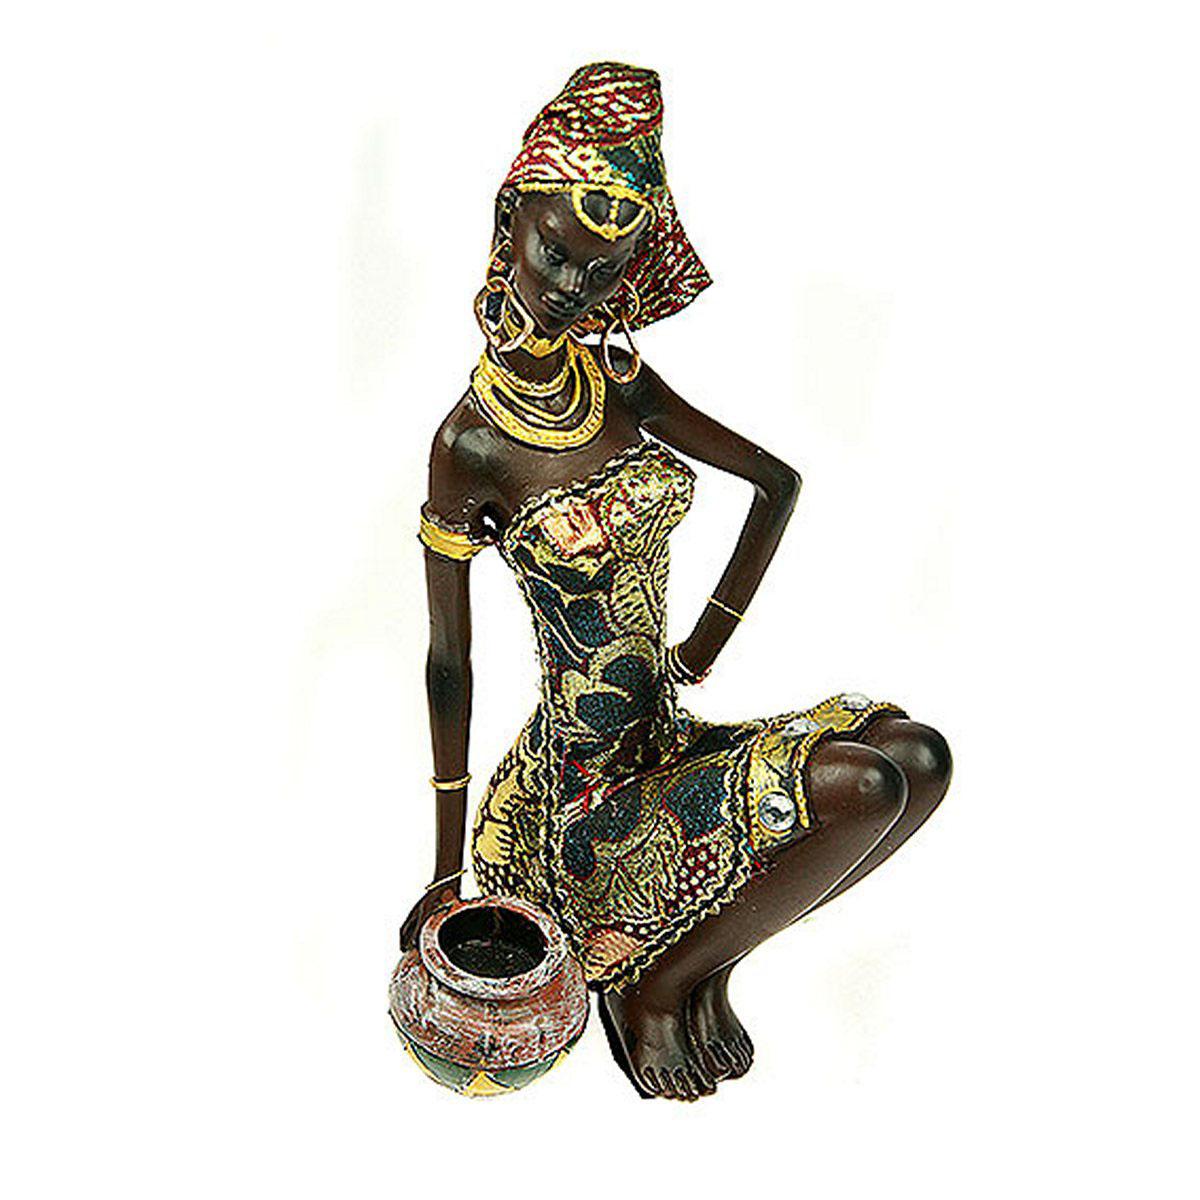 Статуэтка Русские Подарки Африканка, 14 х 13 х 23 см26147Статуэтка Русские Подарки Африканка, изготовленная из полистоуна, имеет изысканный внешний вид. Изделие станет прекрасным украшением интерьера гостиной, офиса или дома. Вы можете поставить статуэтку в любое место, где она будет удачно смотреться и радовать глаз. Правила ухода: регулярно вытирать пыль сухой, мягкой тканью.